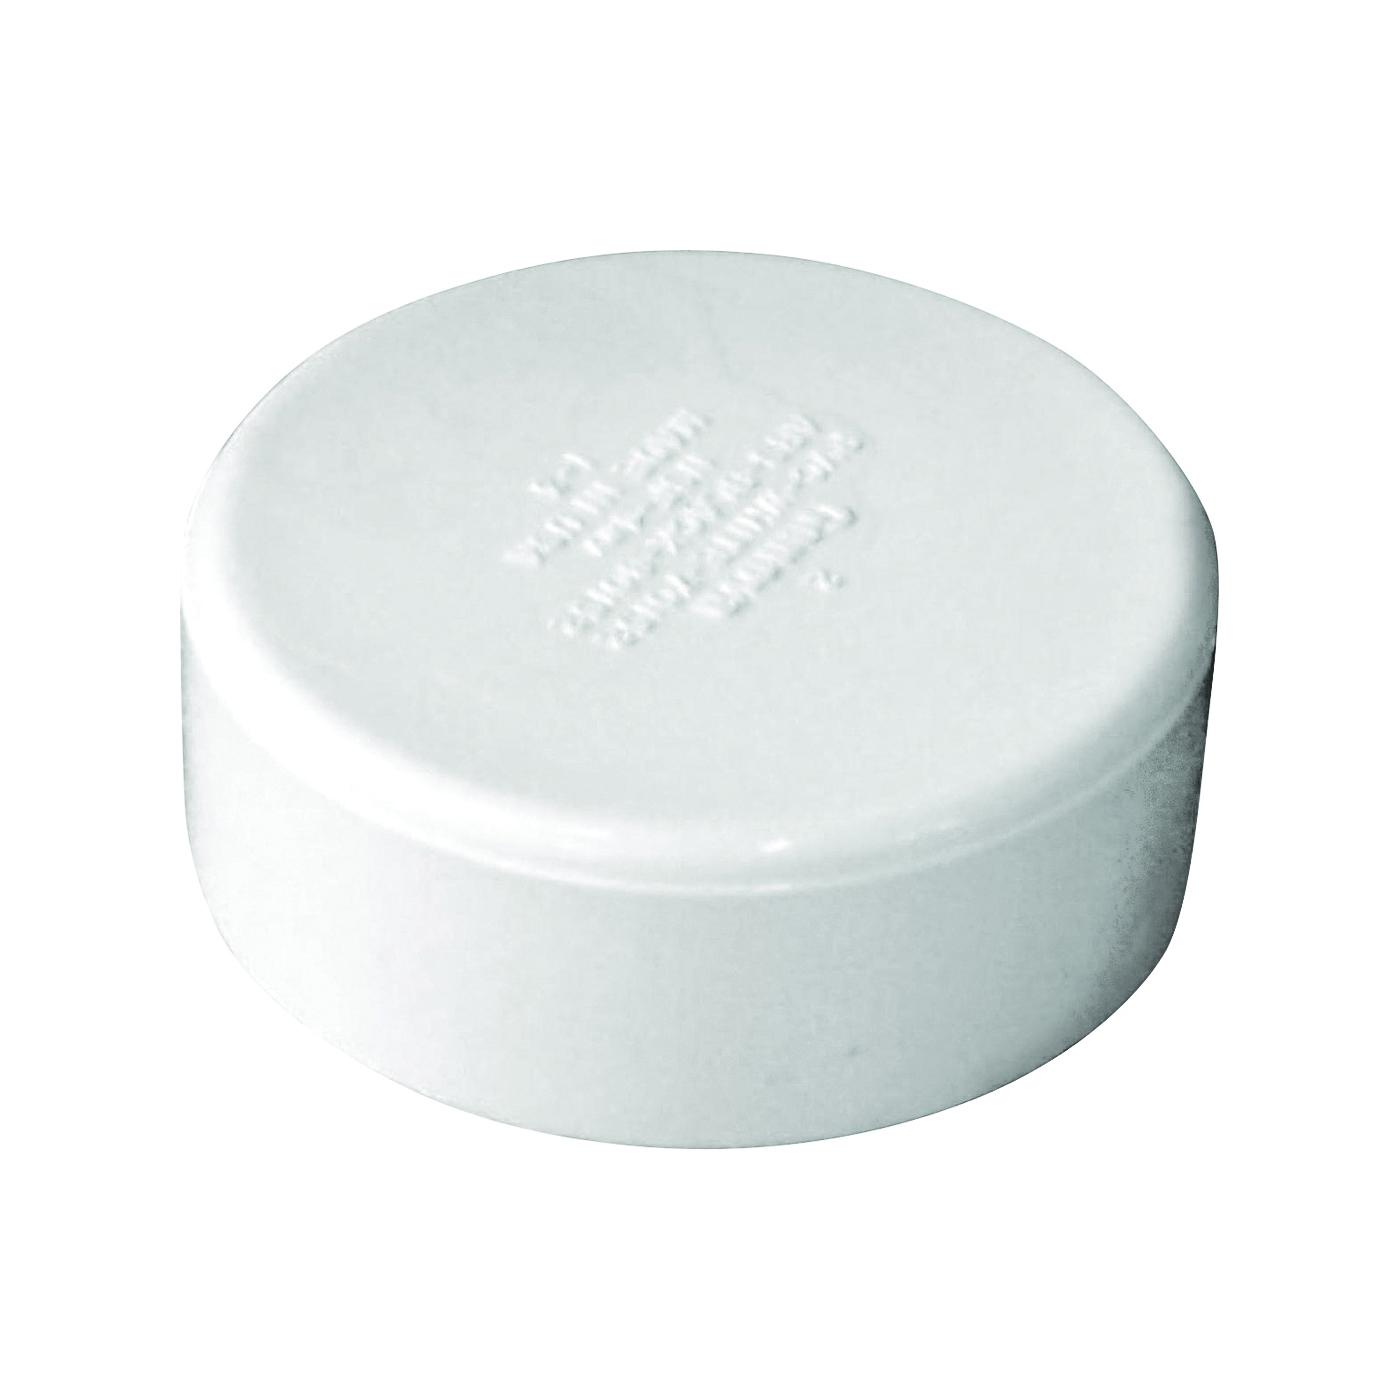 Picture of GENOVA 70152 Pipe Cap, 2 in, Hub, PVC, SCH 40 Schedule